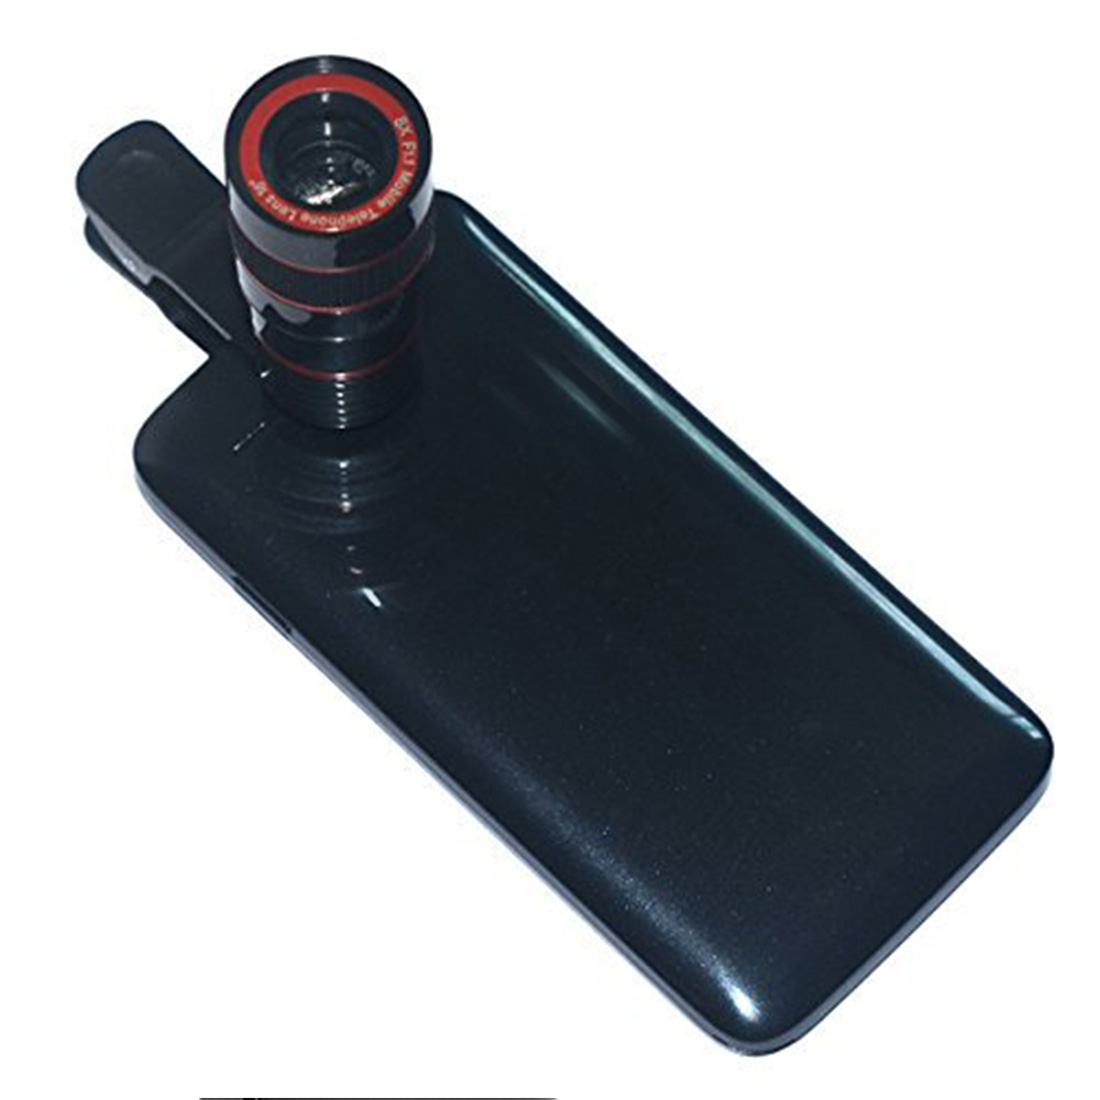 Универсальный 8X оптический зум телескоп объектив камеры для iPhone мобильный телефон объектив с зажимом для смартфонов samsung Xiaomi